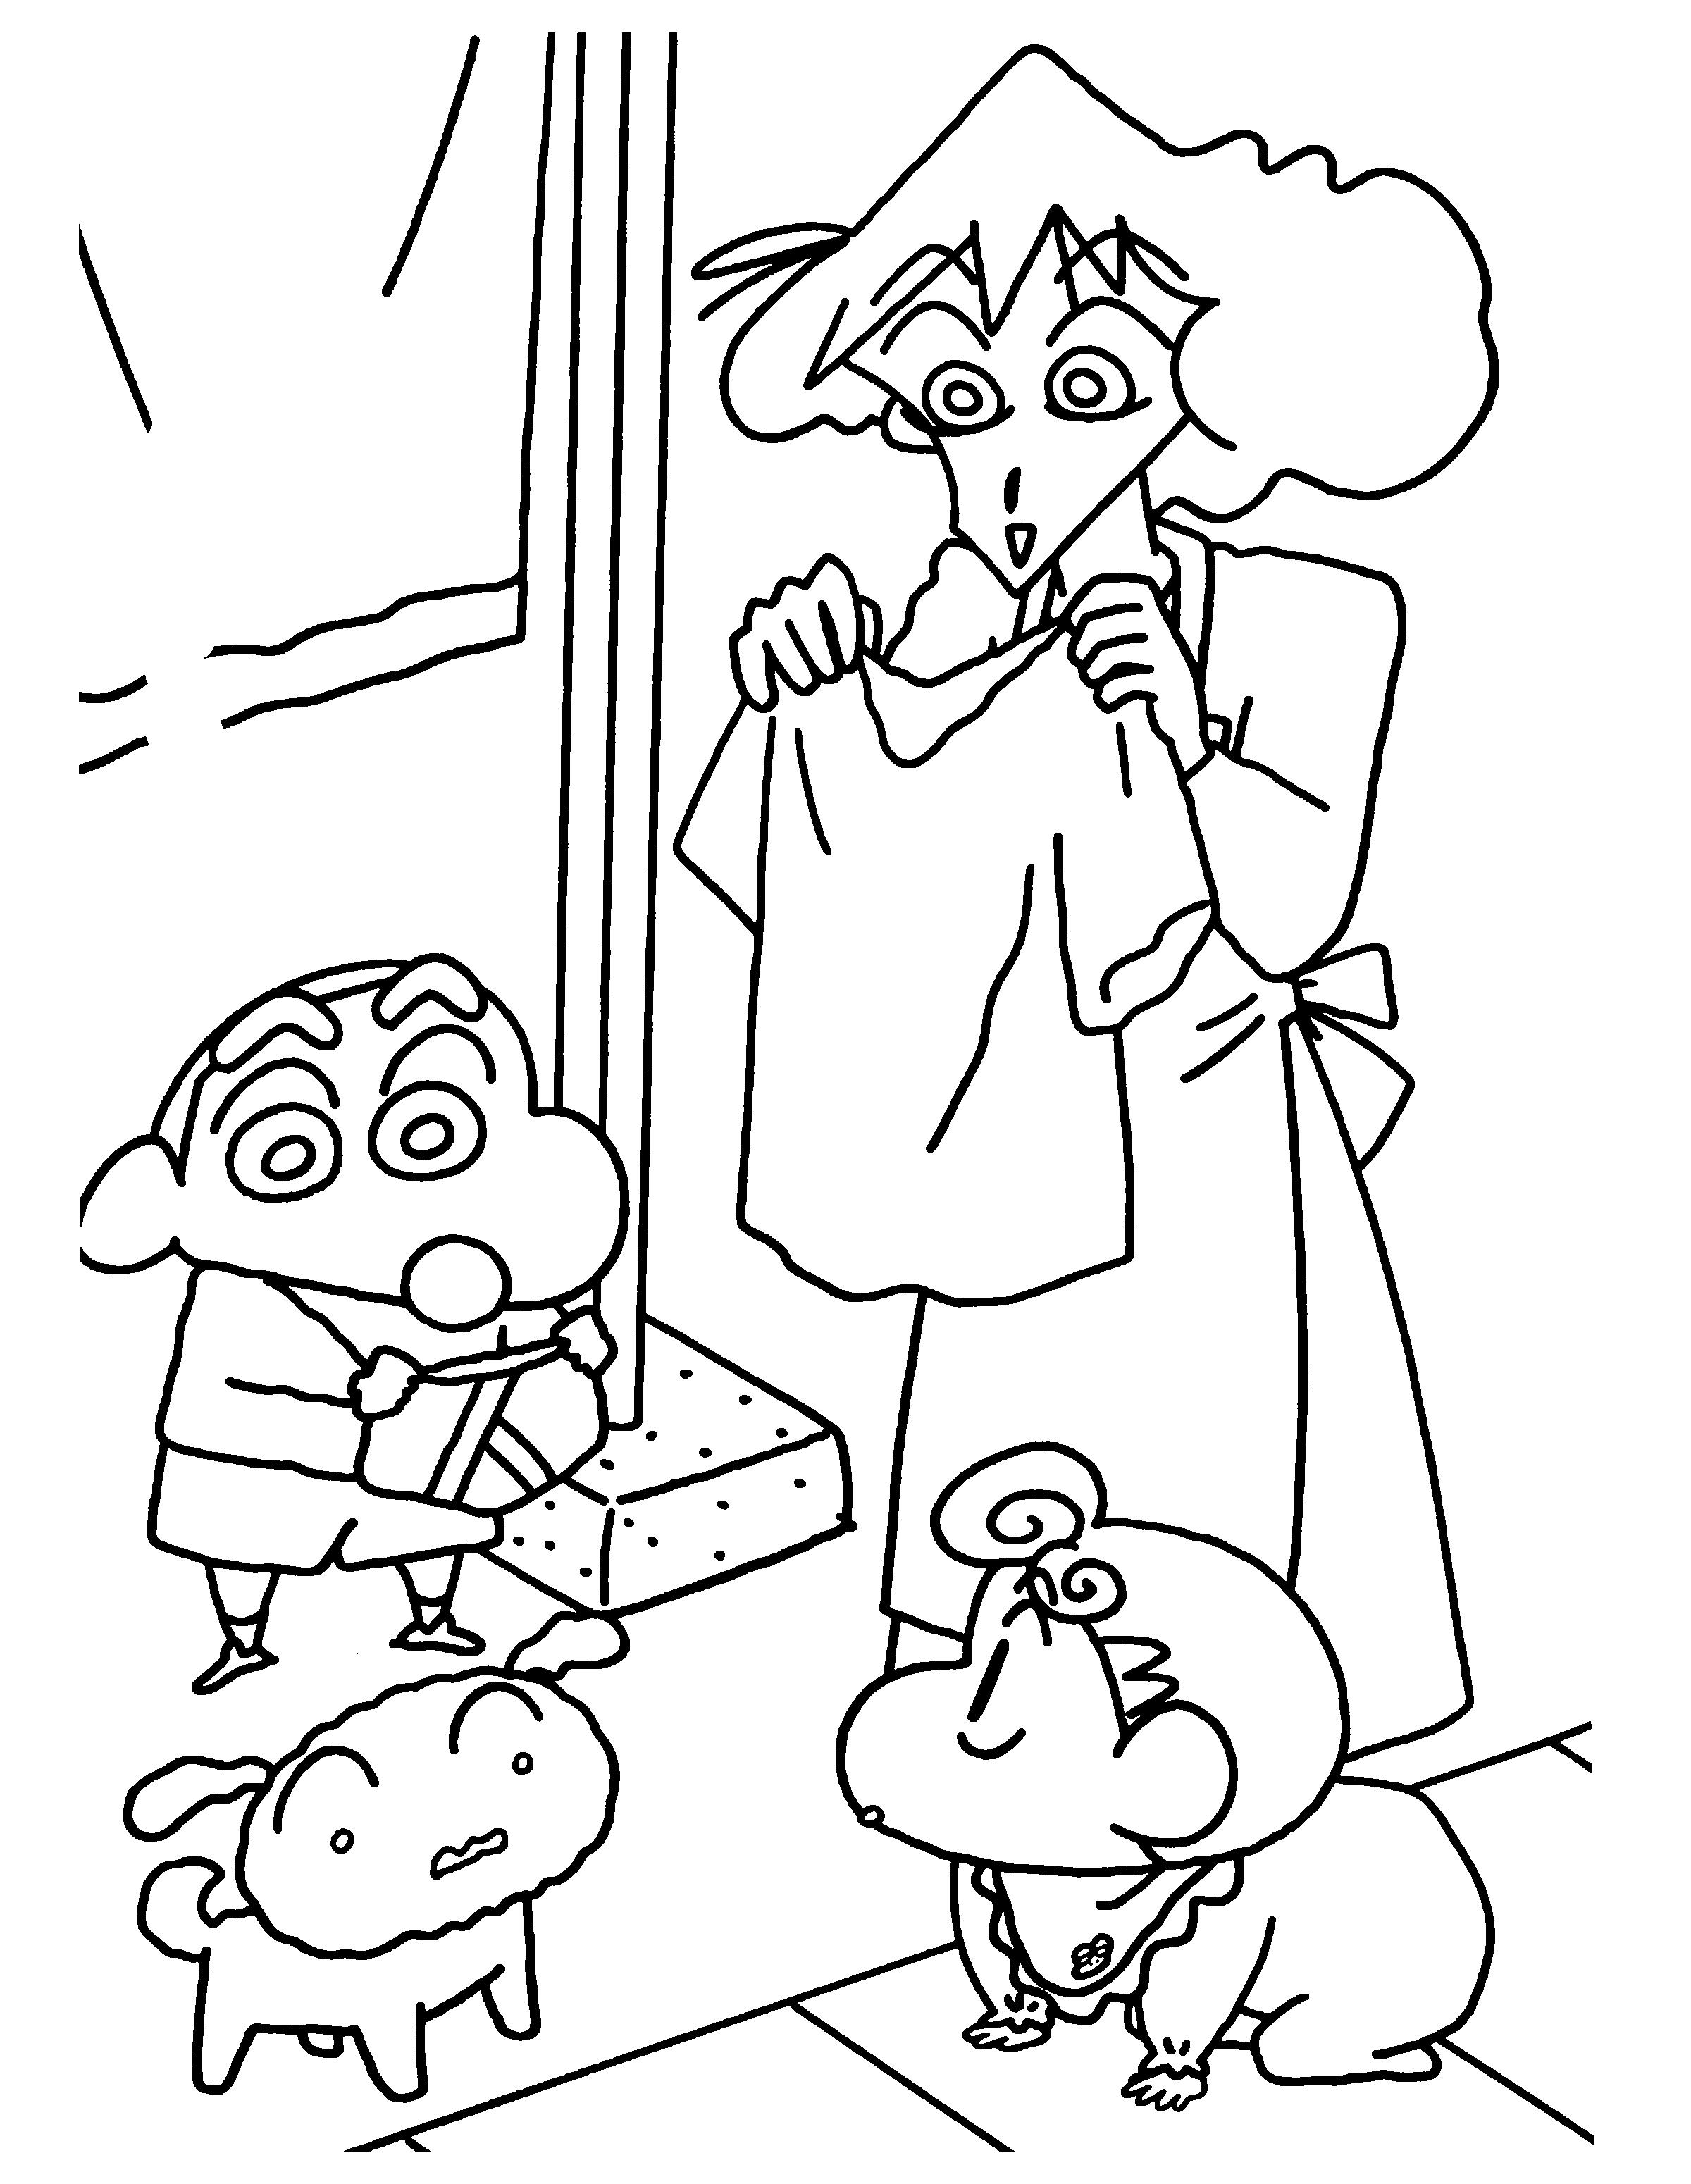 Tranh tô màu Shin cậu bé bút chì và mẹ đang thử đồ